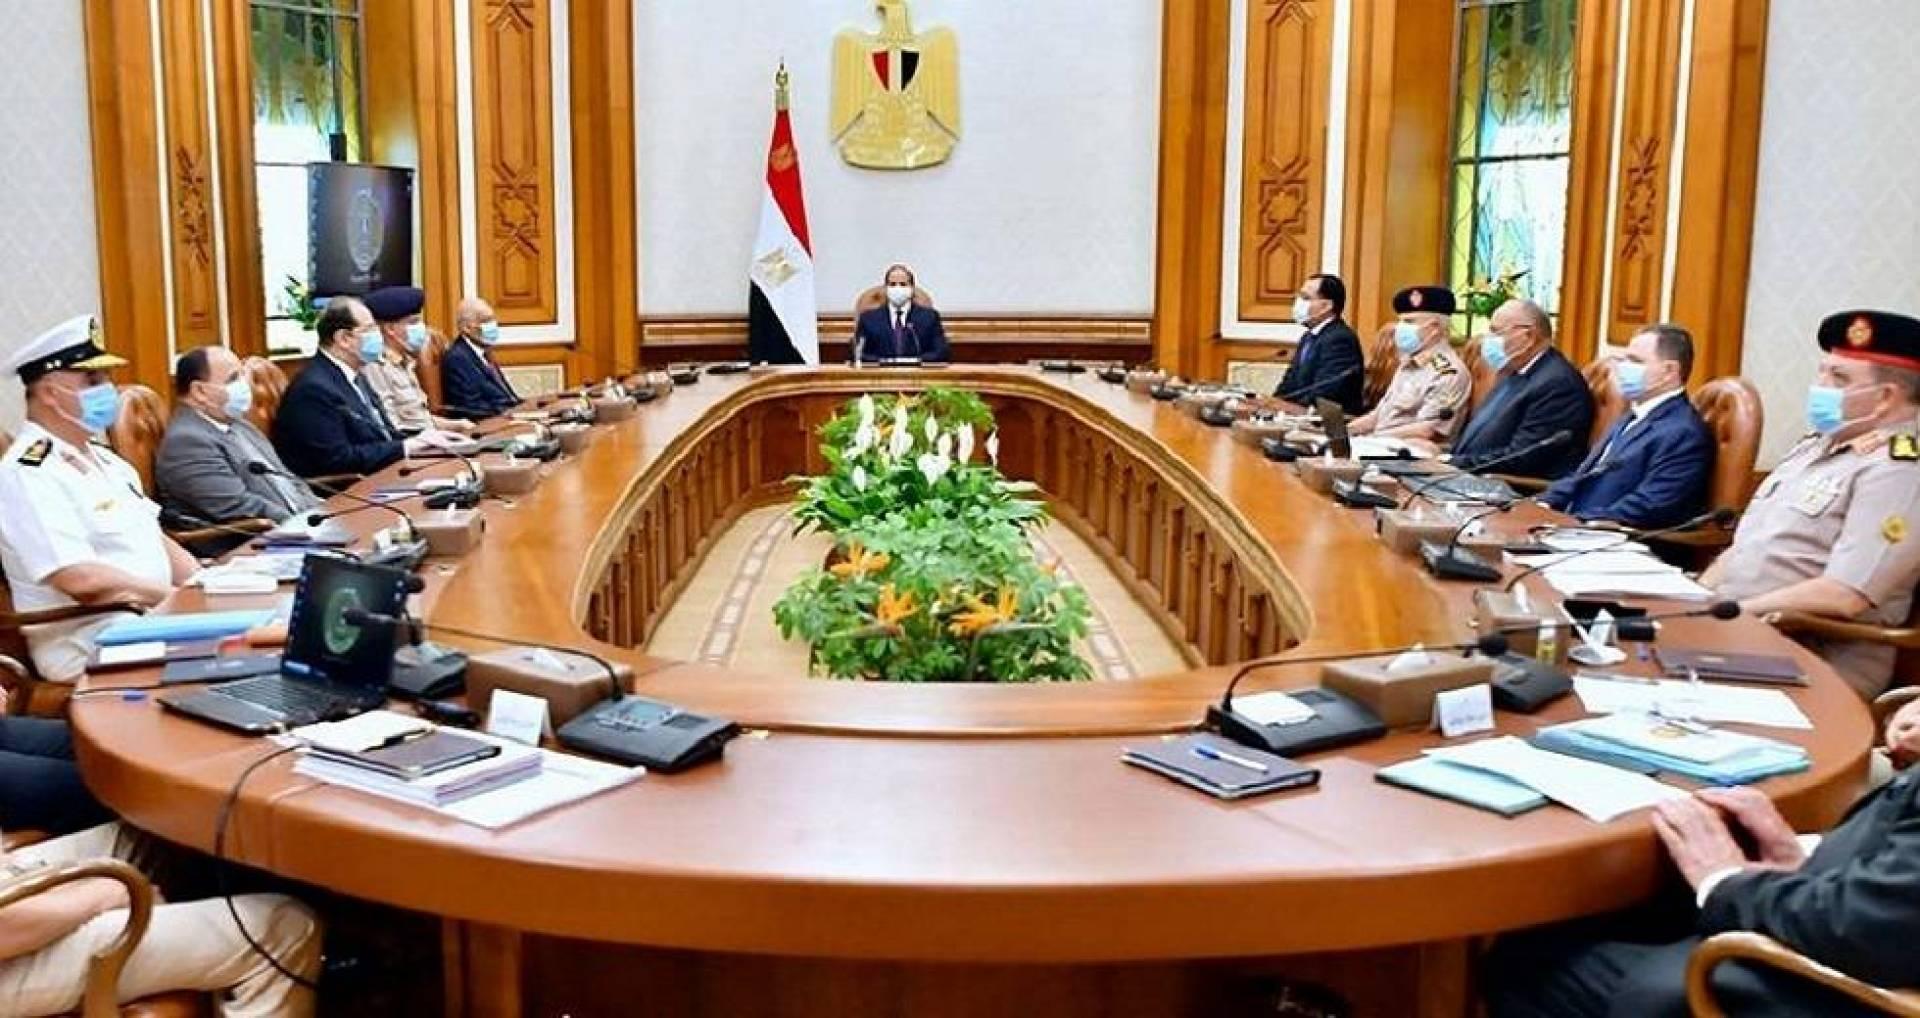 مجلس الدفاع الوطني المصري يبحث الأوضاع السياسية والأمنية والعسكرية